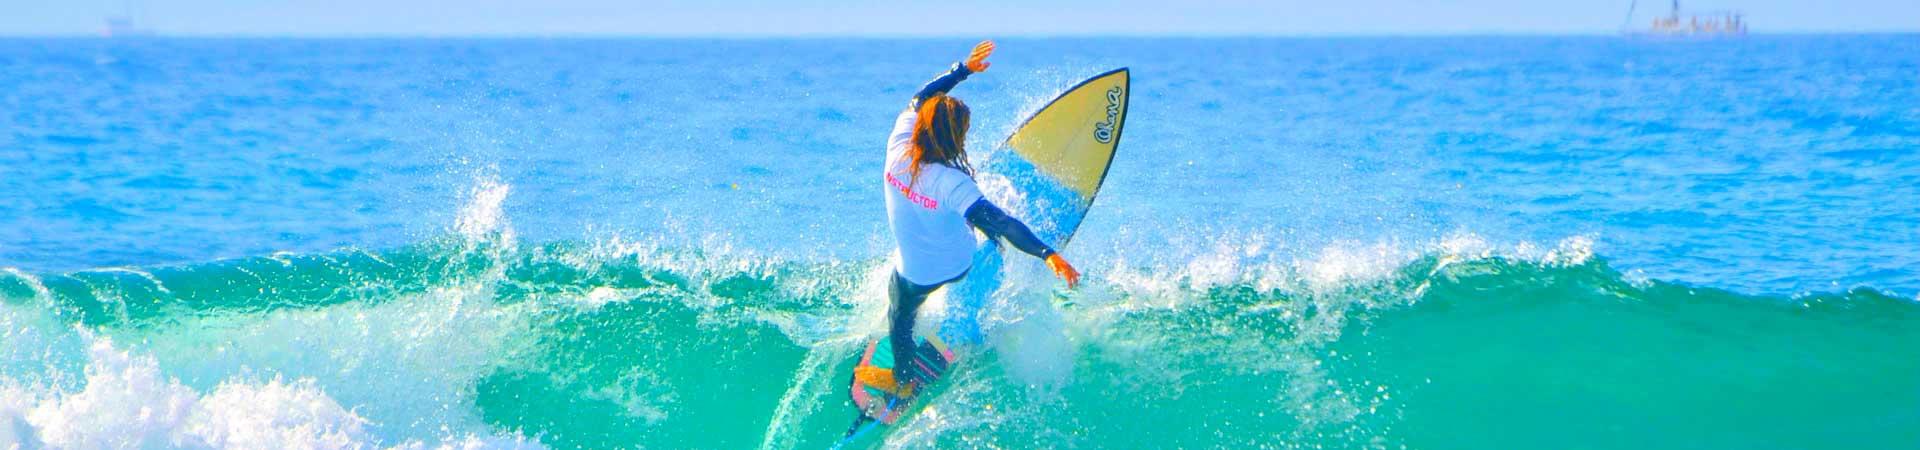 https://www.goodmorningtenerife.com/wp-content/uploads/2019/08/03_friends-of-ocean-tenerife-surf-center-good-morning-tenerife_slide.jpg